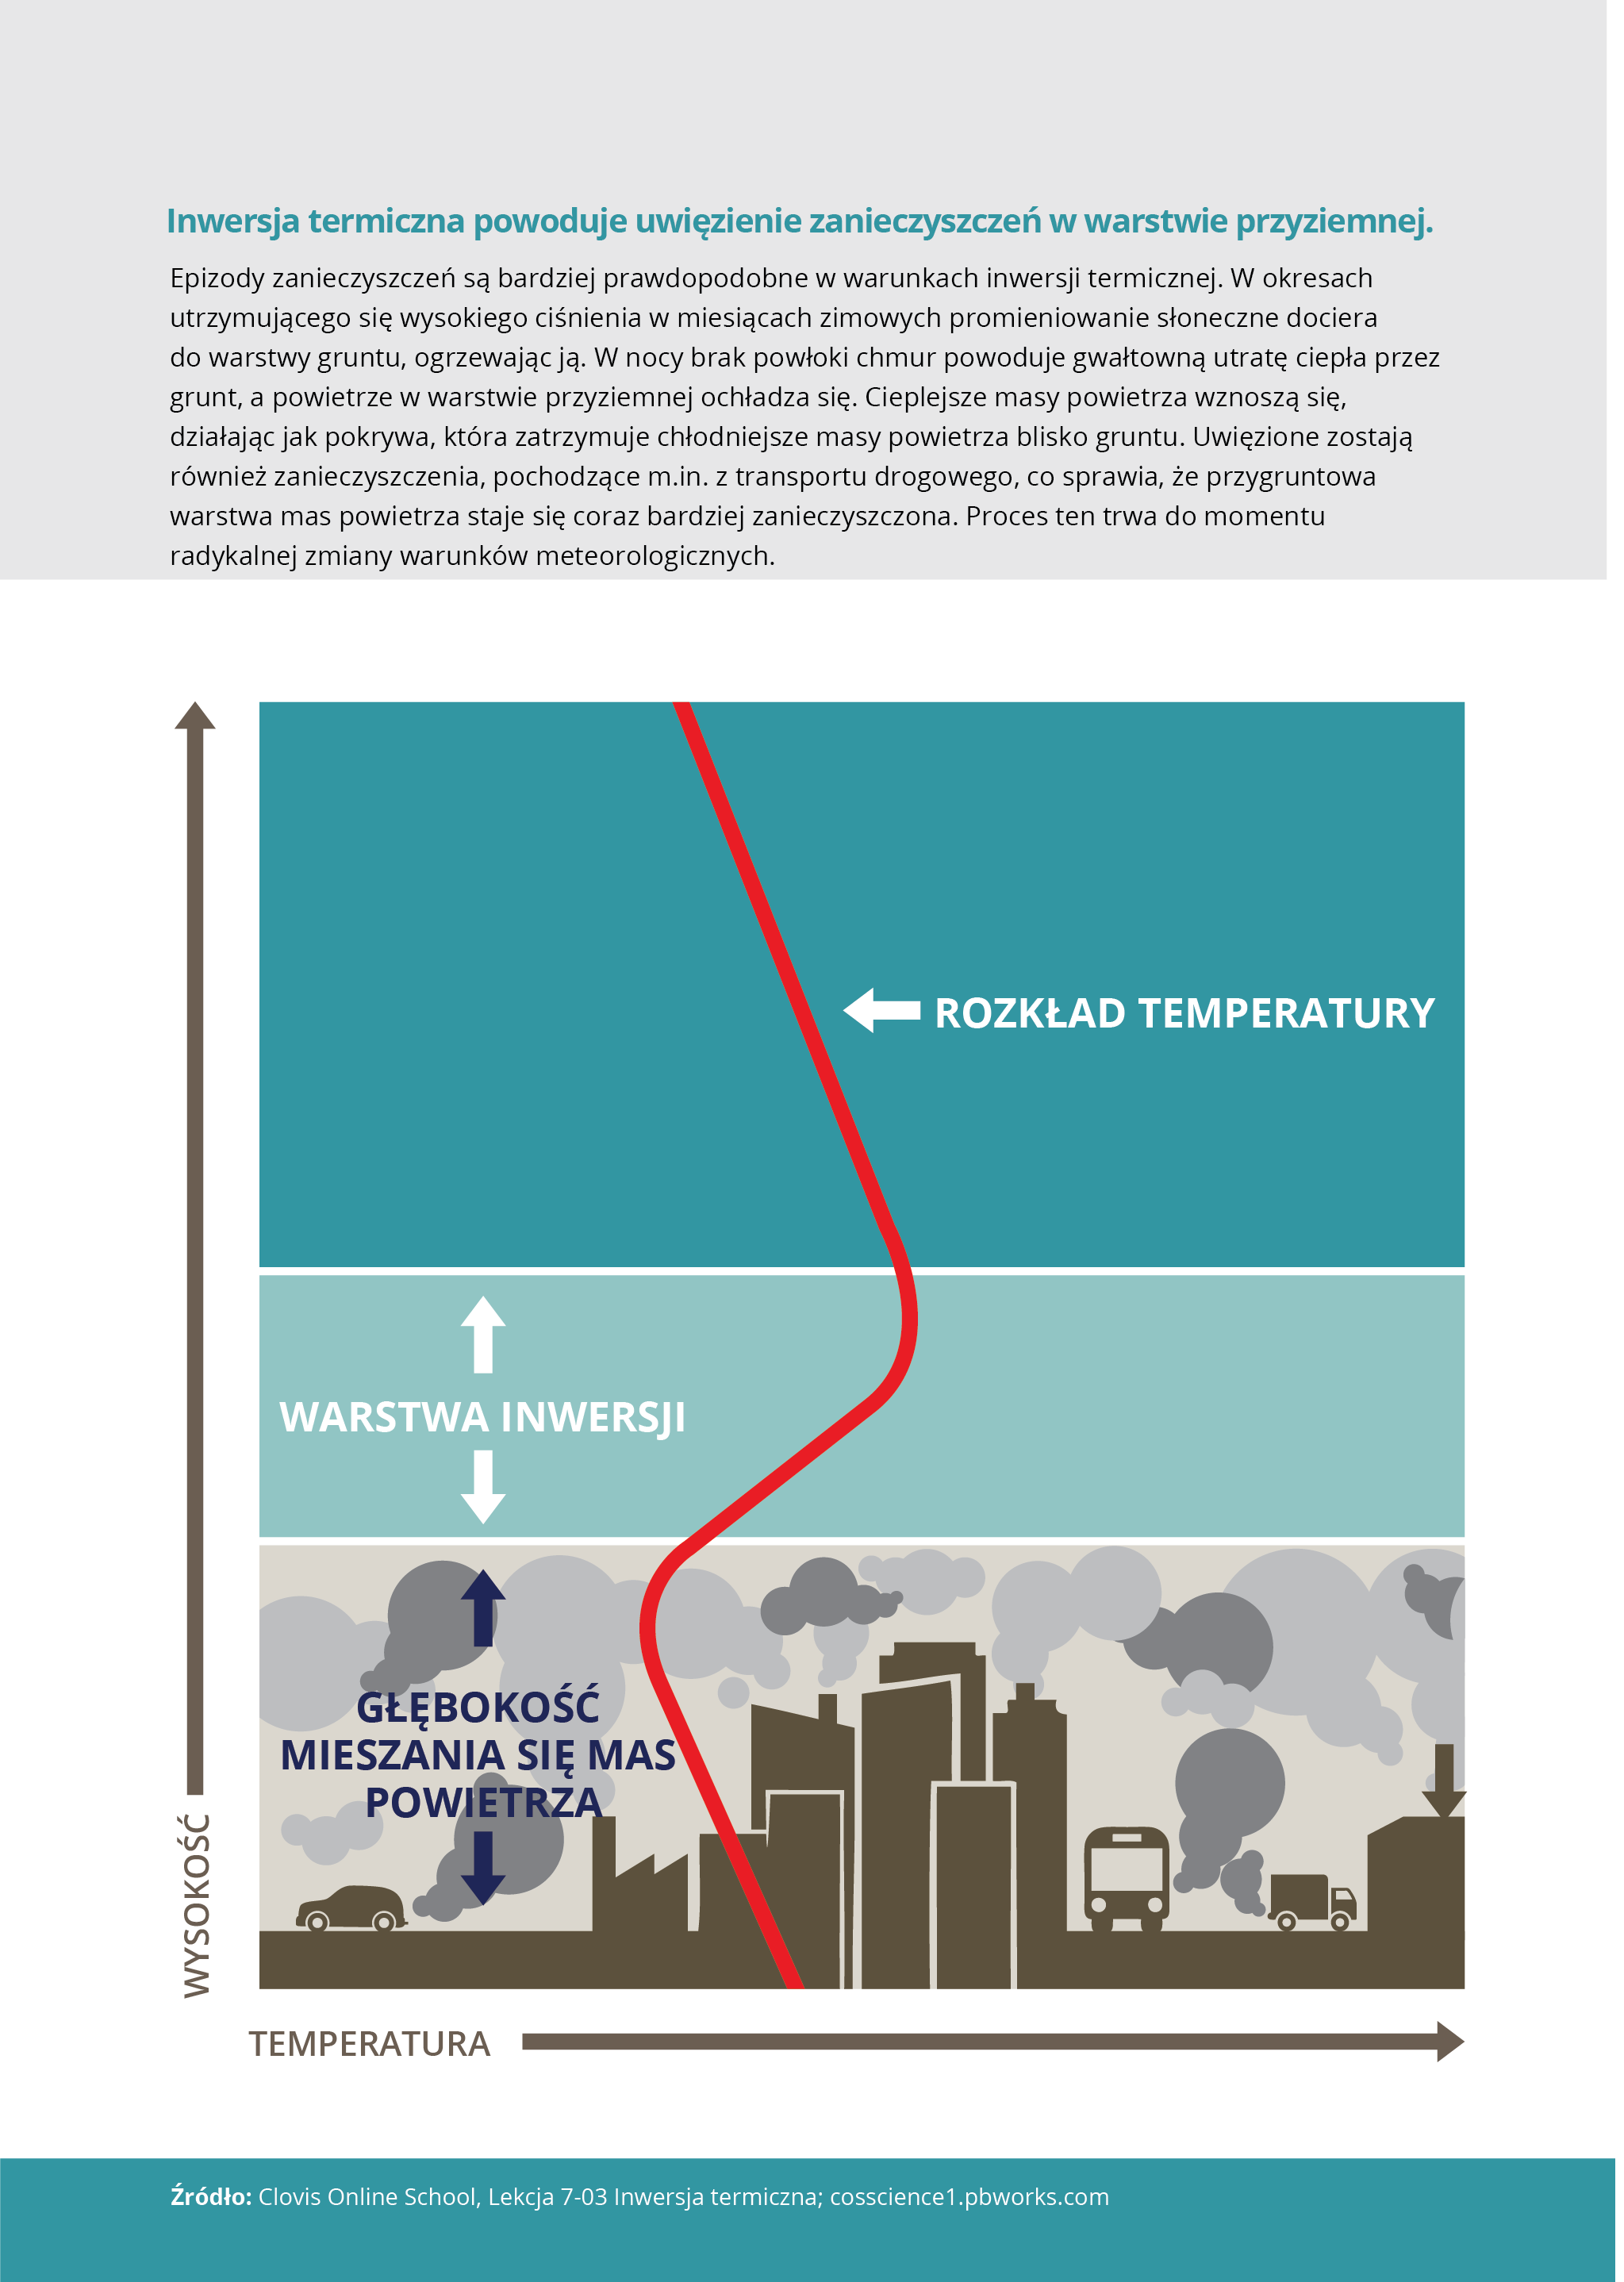 Inwersja termiczna powoduje uwięzienie zanieczyszczeń w warstwie przyziemnej.